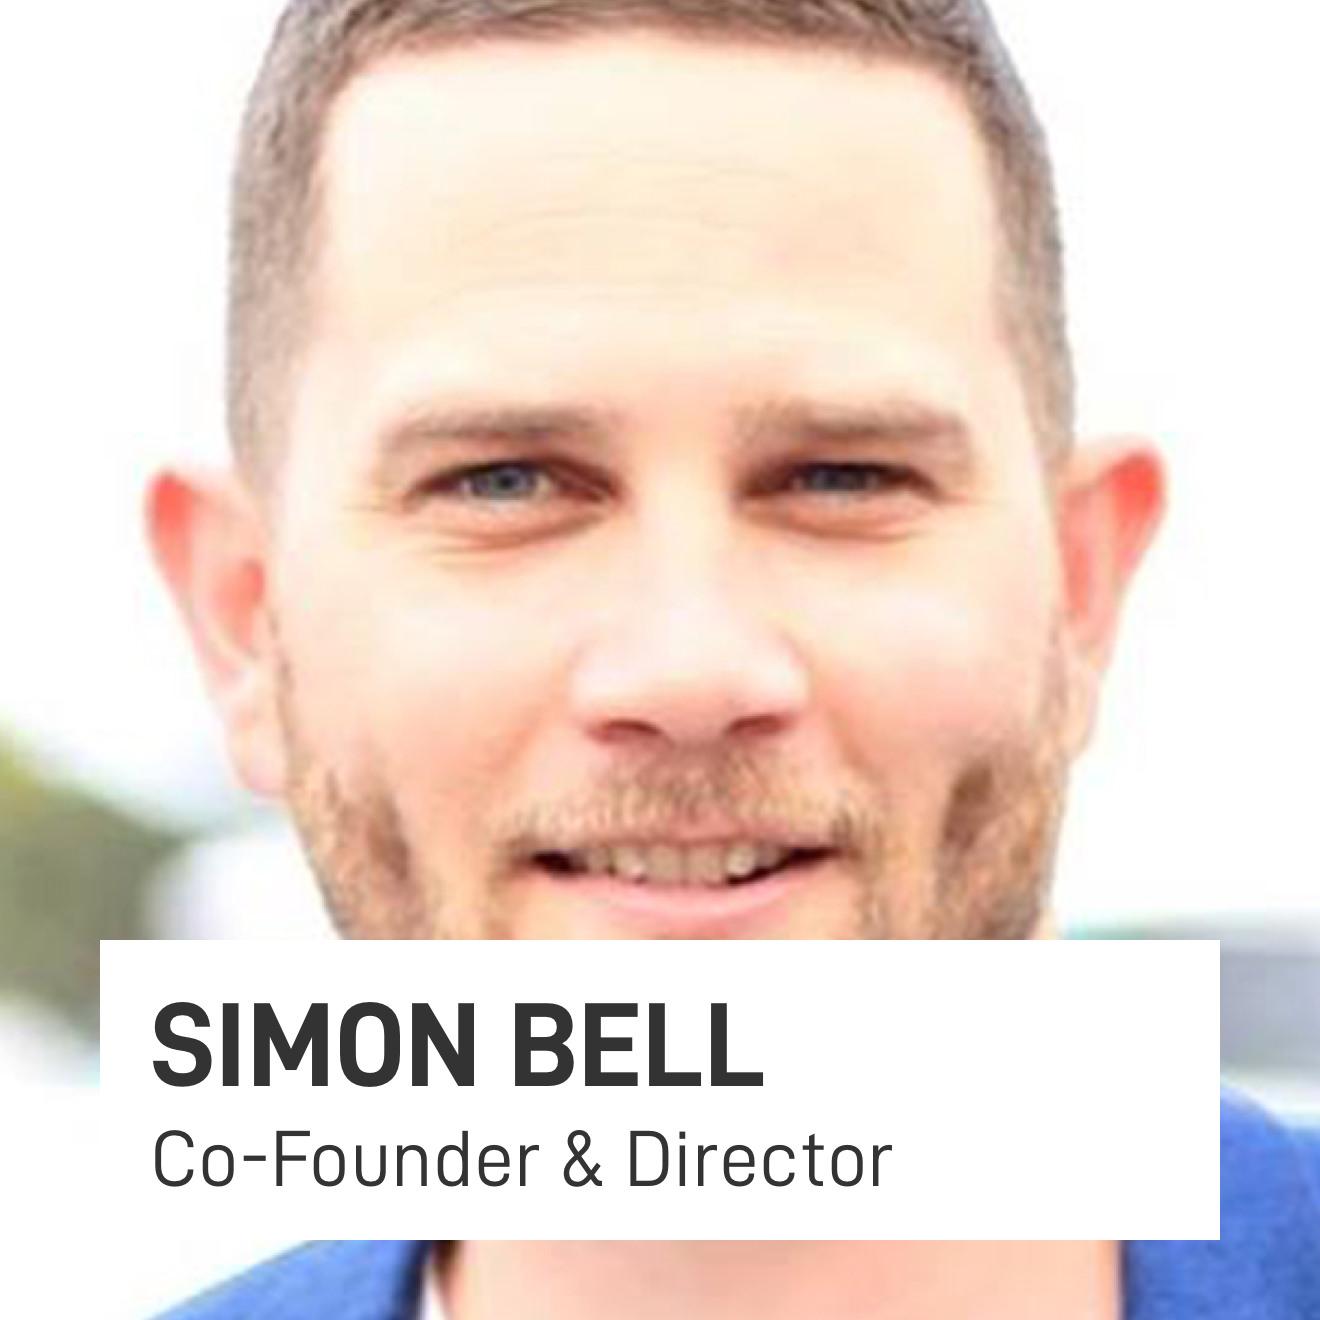 Simon Bell CEO & Co-Founder